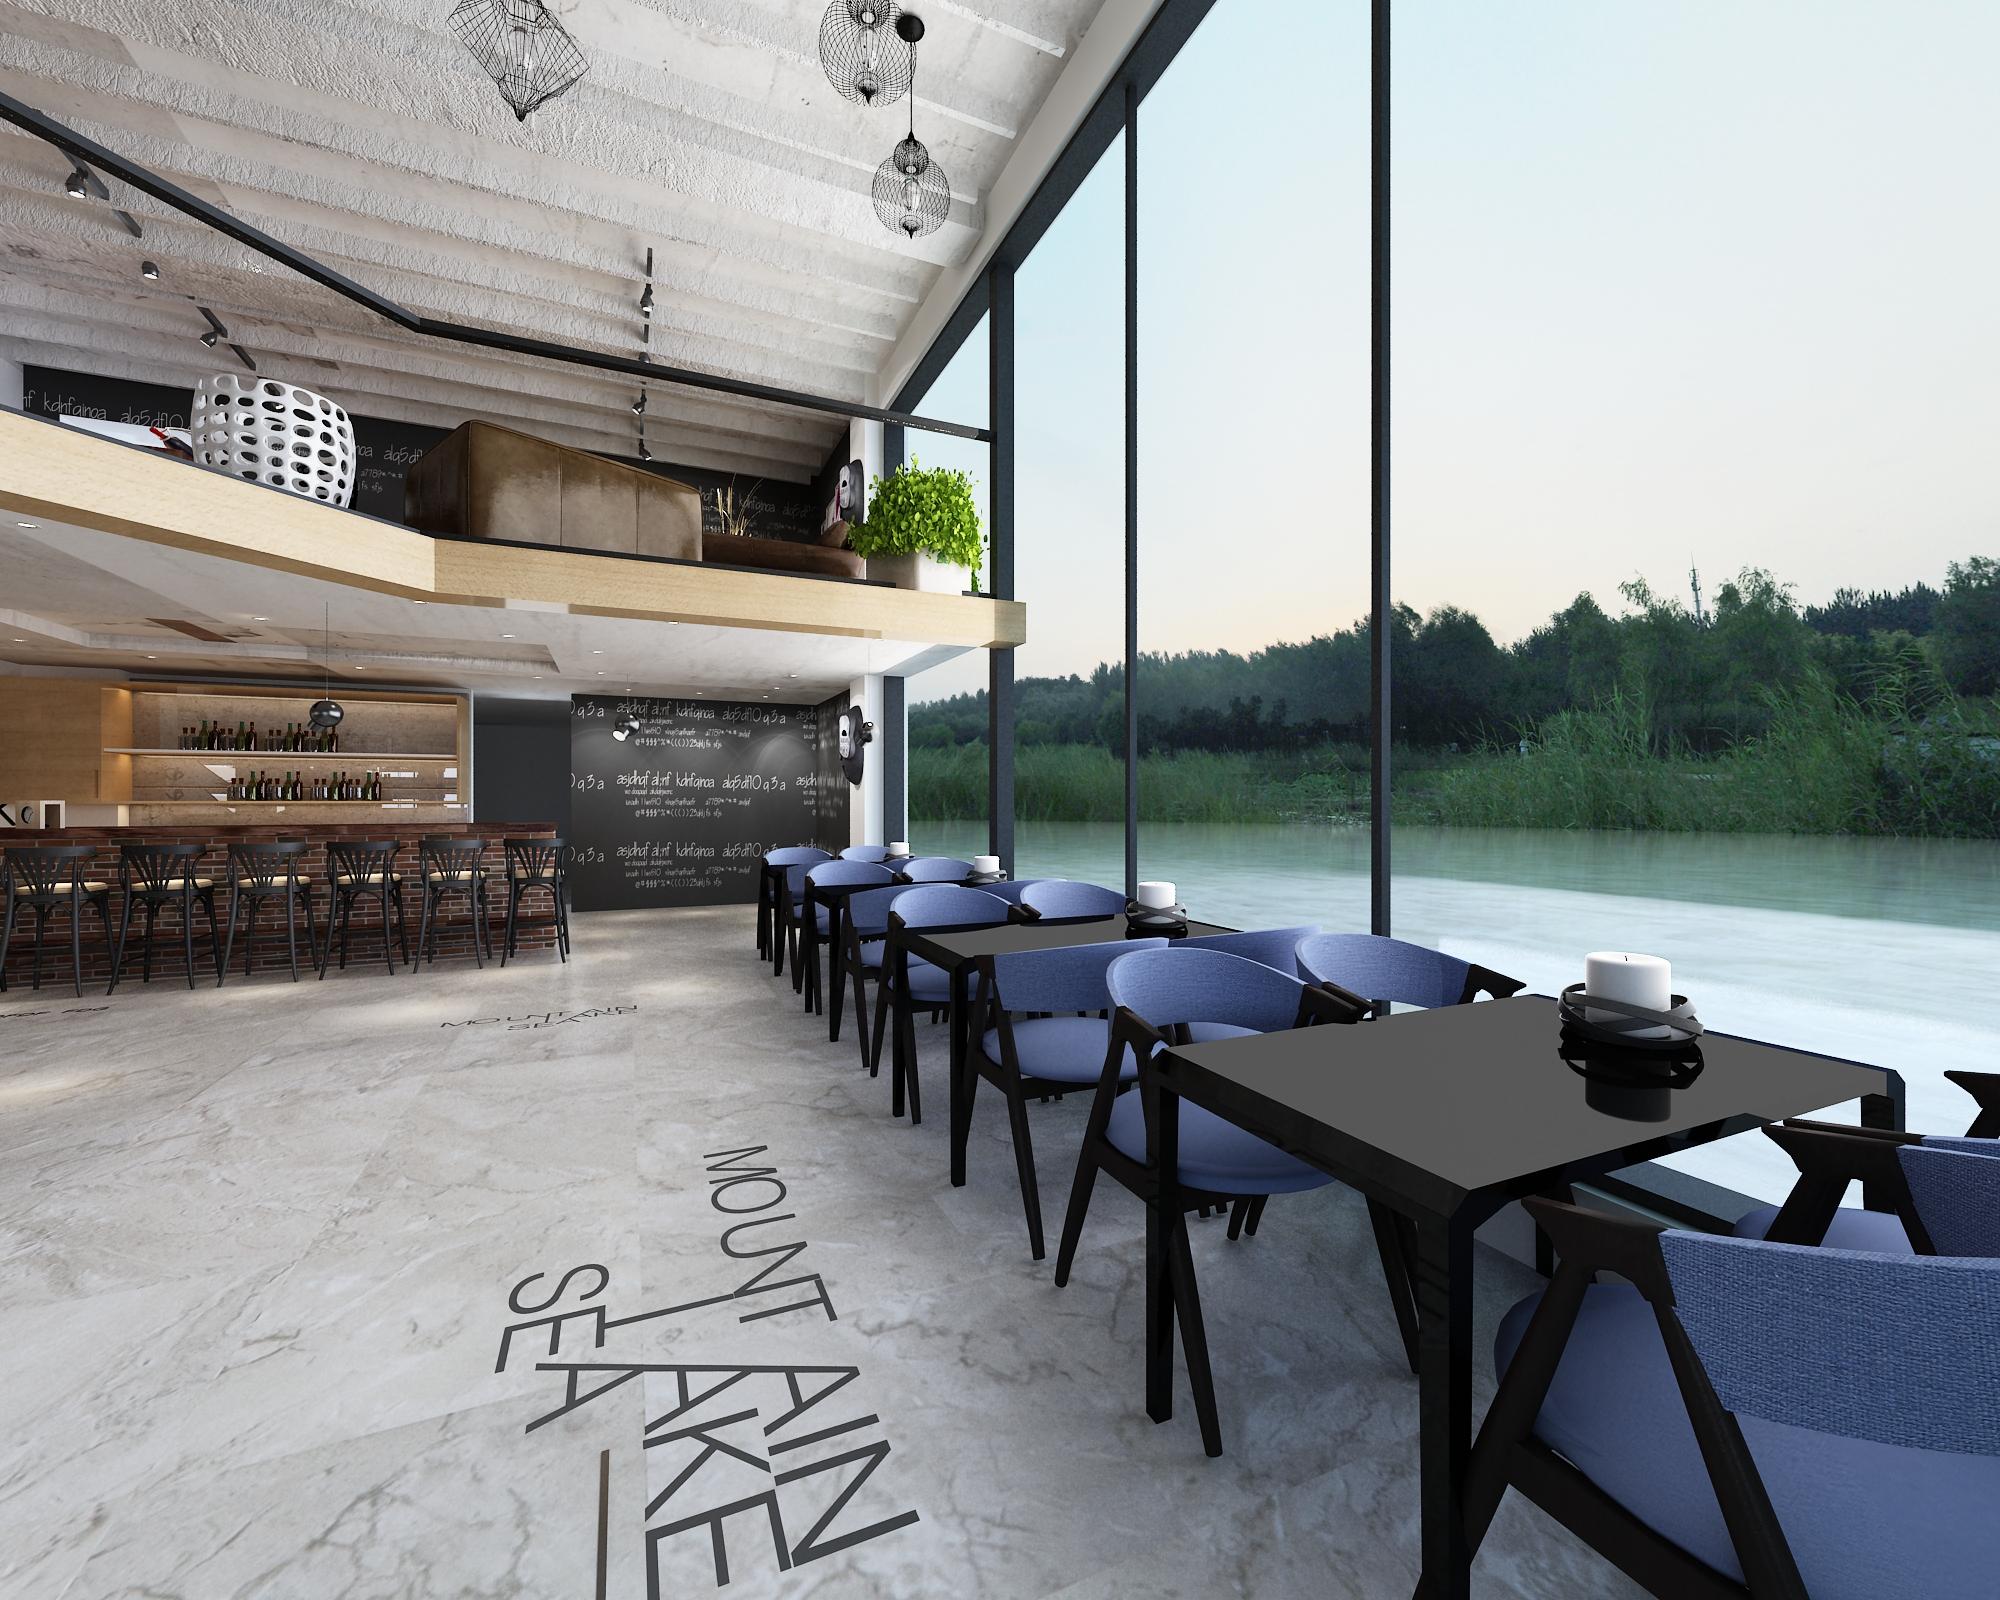 咖啡店装修风格了解,创意型咖啡吧设计效果图!